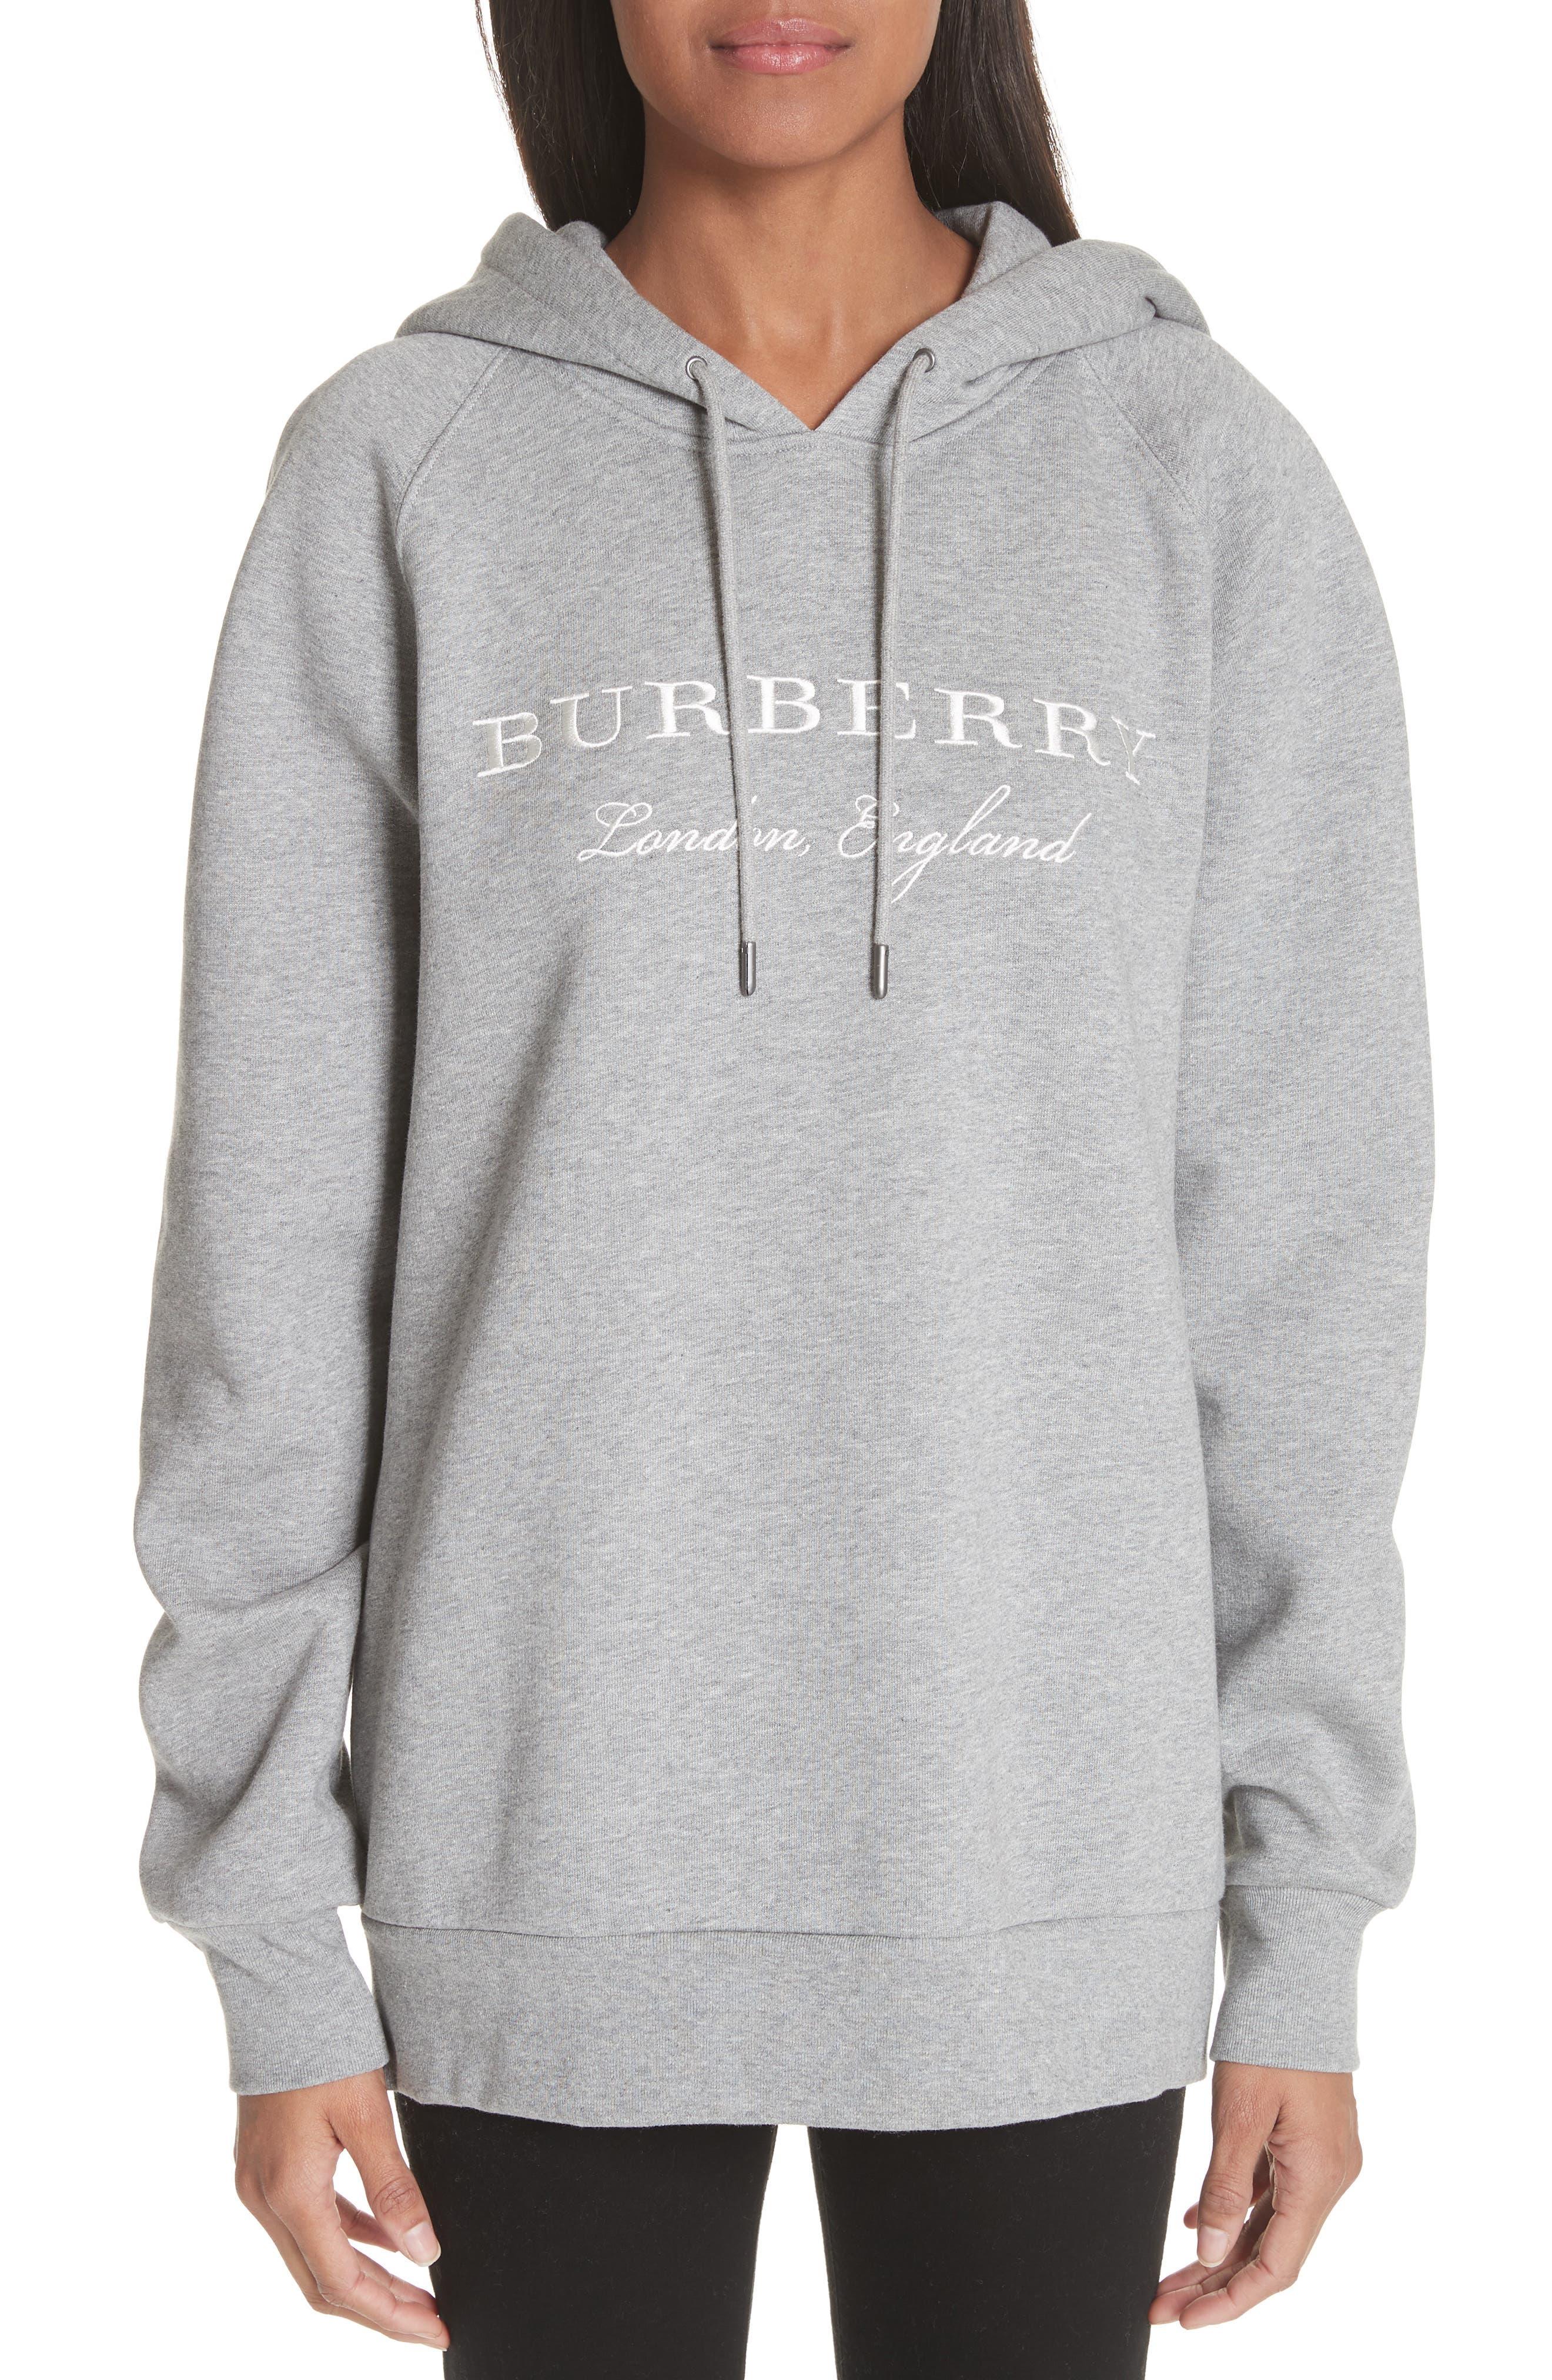 burberry hoodie kids 2015